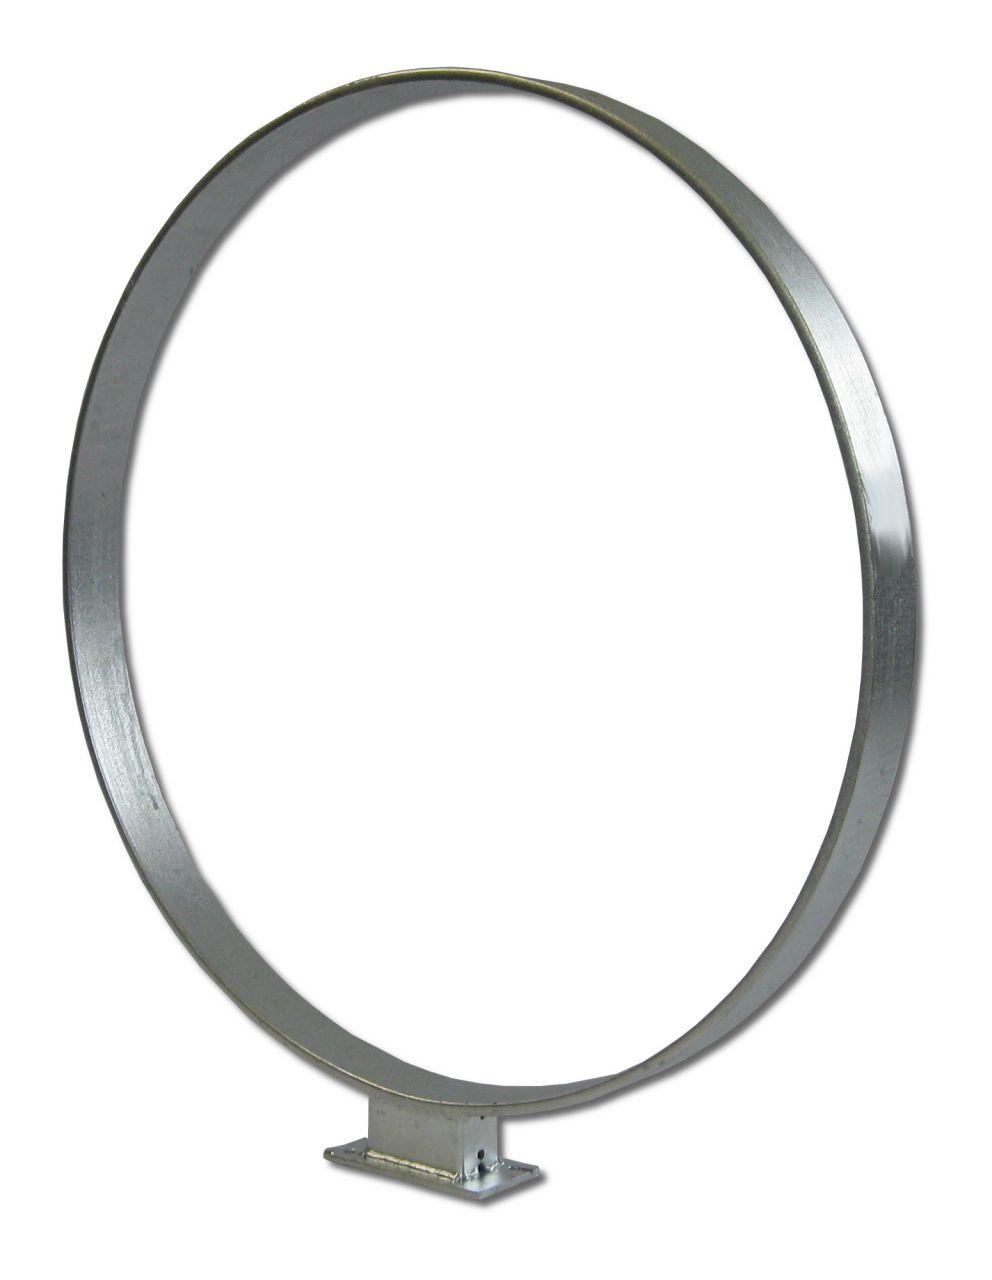 Veller® Fahrradanlehnbügel Ring / Flachstahl-Anlehnbügel